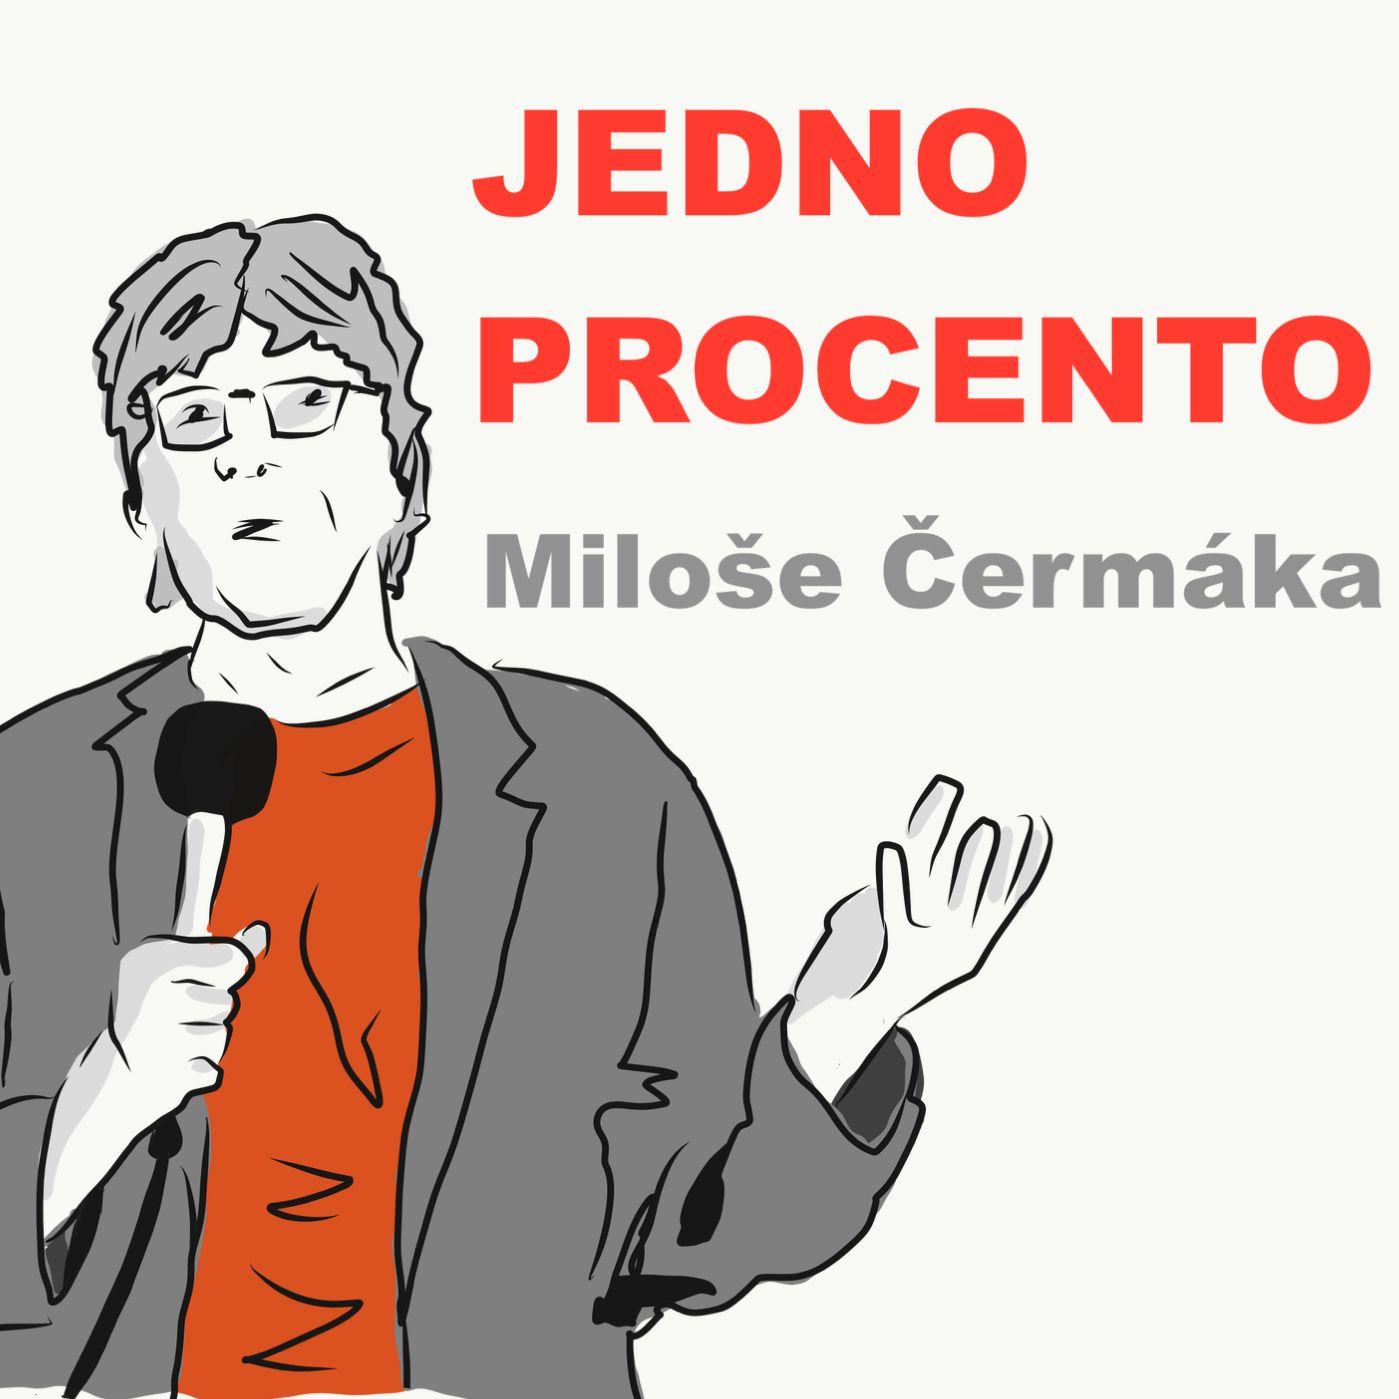 ... s Milošem Škorpilem (14)